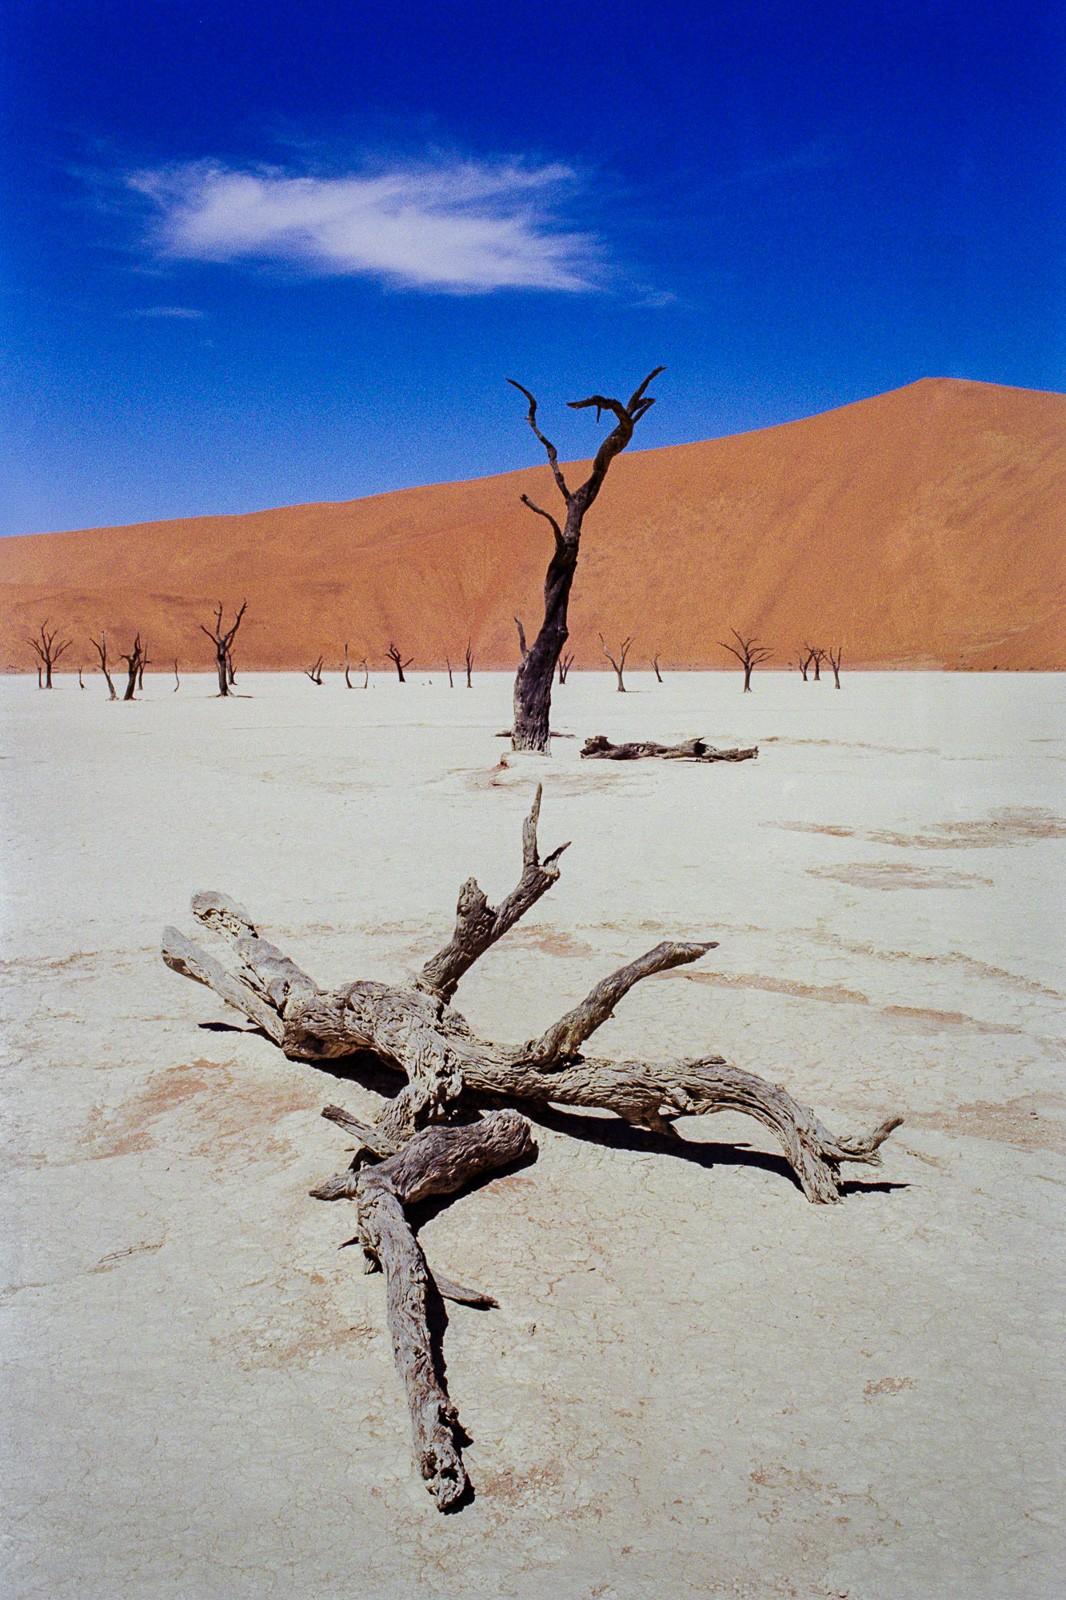 namibia desert scene in deadvlei dead trees in salt pan